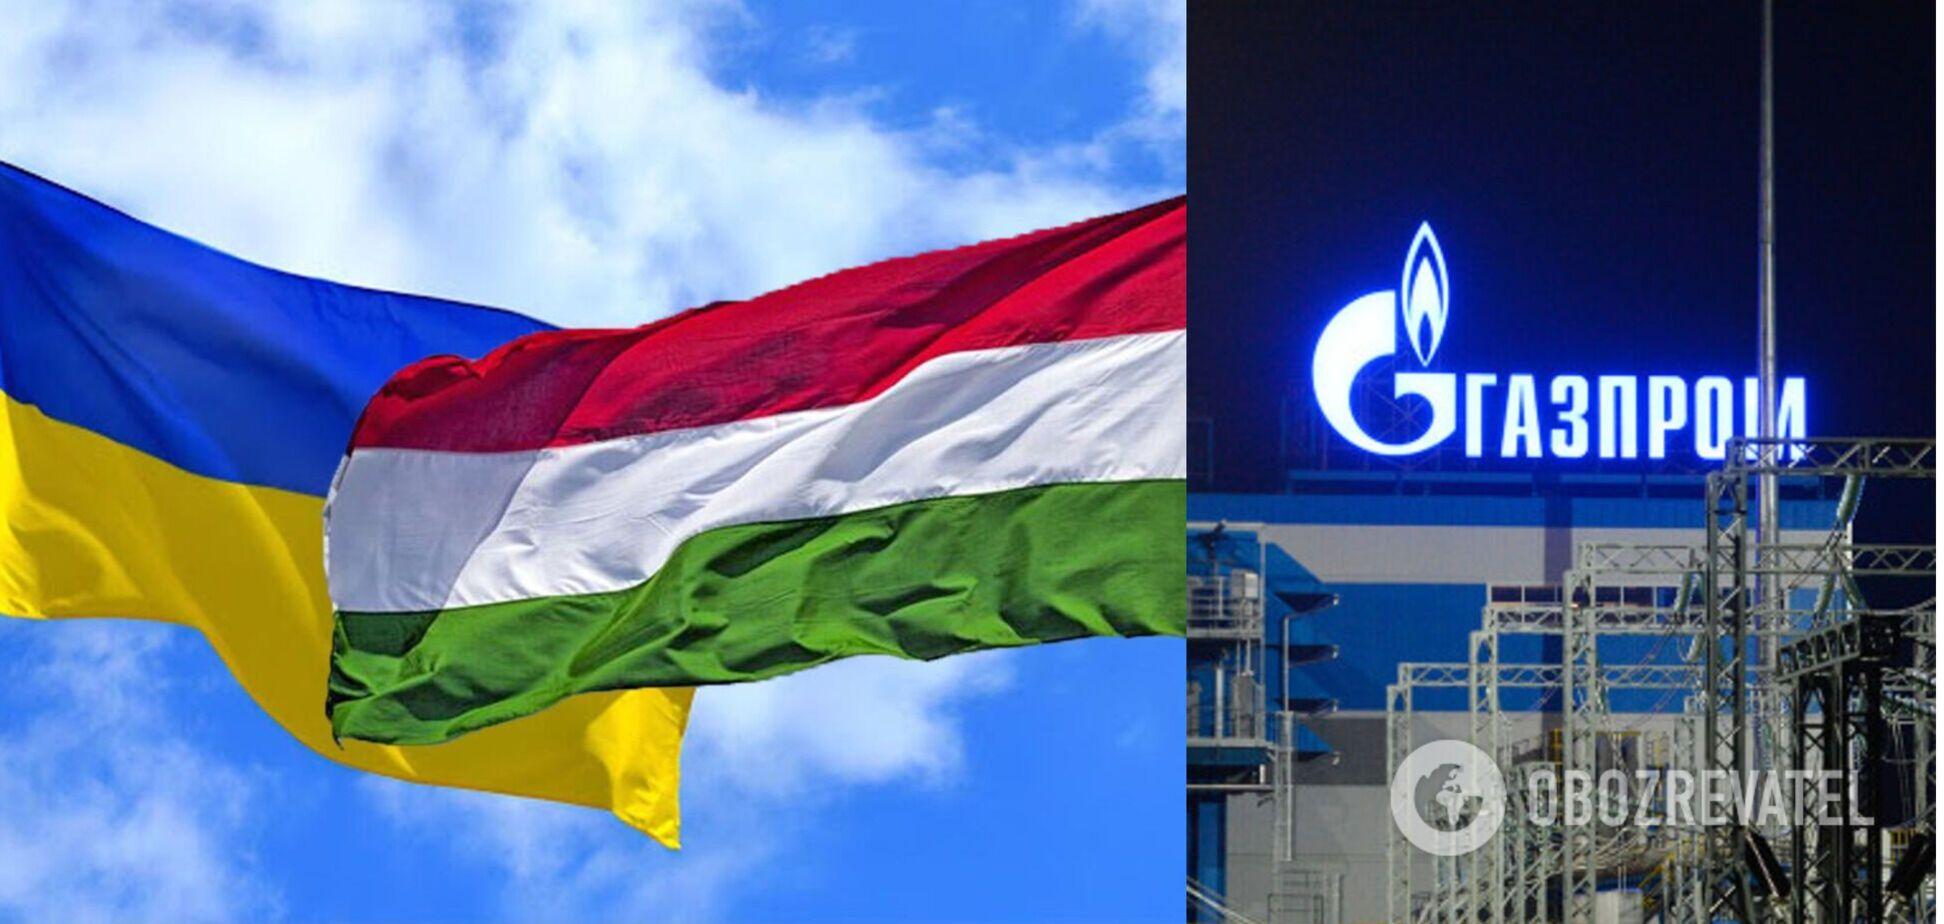 Венгрия вызвала посла Украины из-за спора вокруг сделки Будапешта с 'Газпромом'